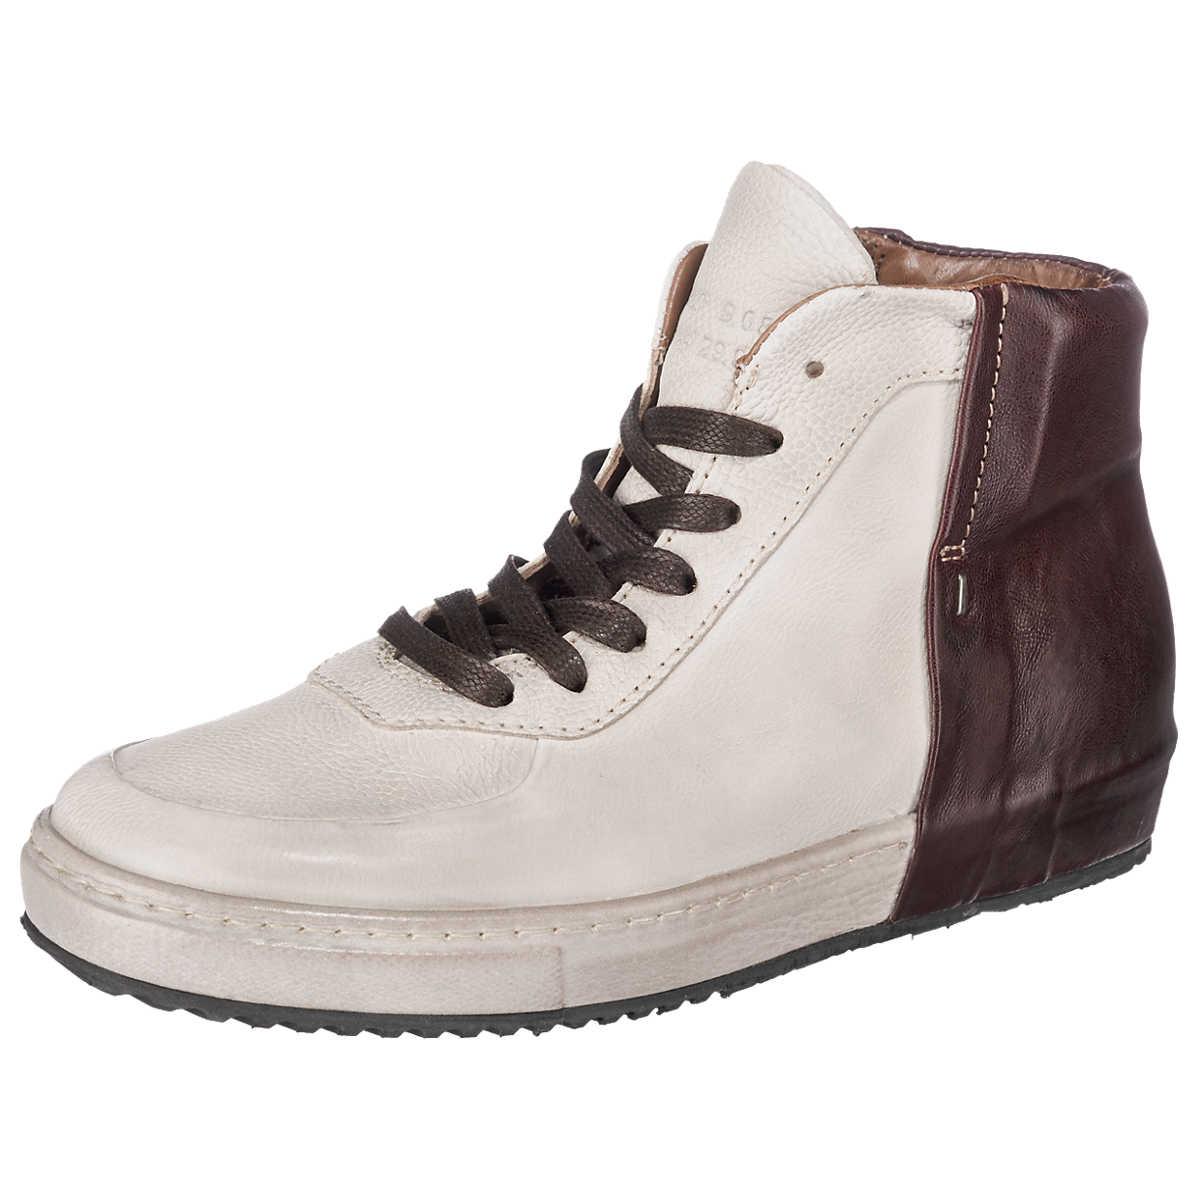 A.S.98 Rewind Sneakers weiÃ?Â?-kombi - A.S.98 - Sneakers - Schuhe - mirapodo.de